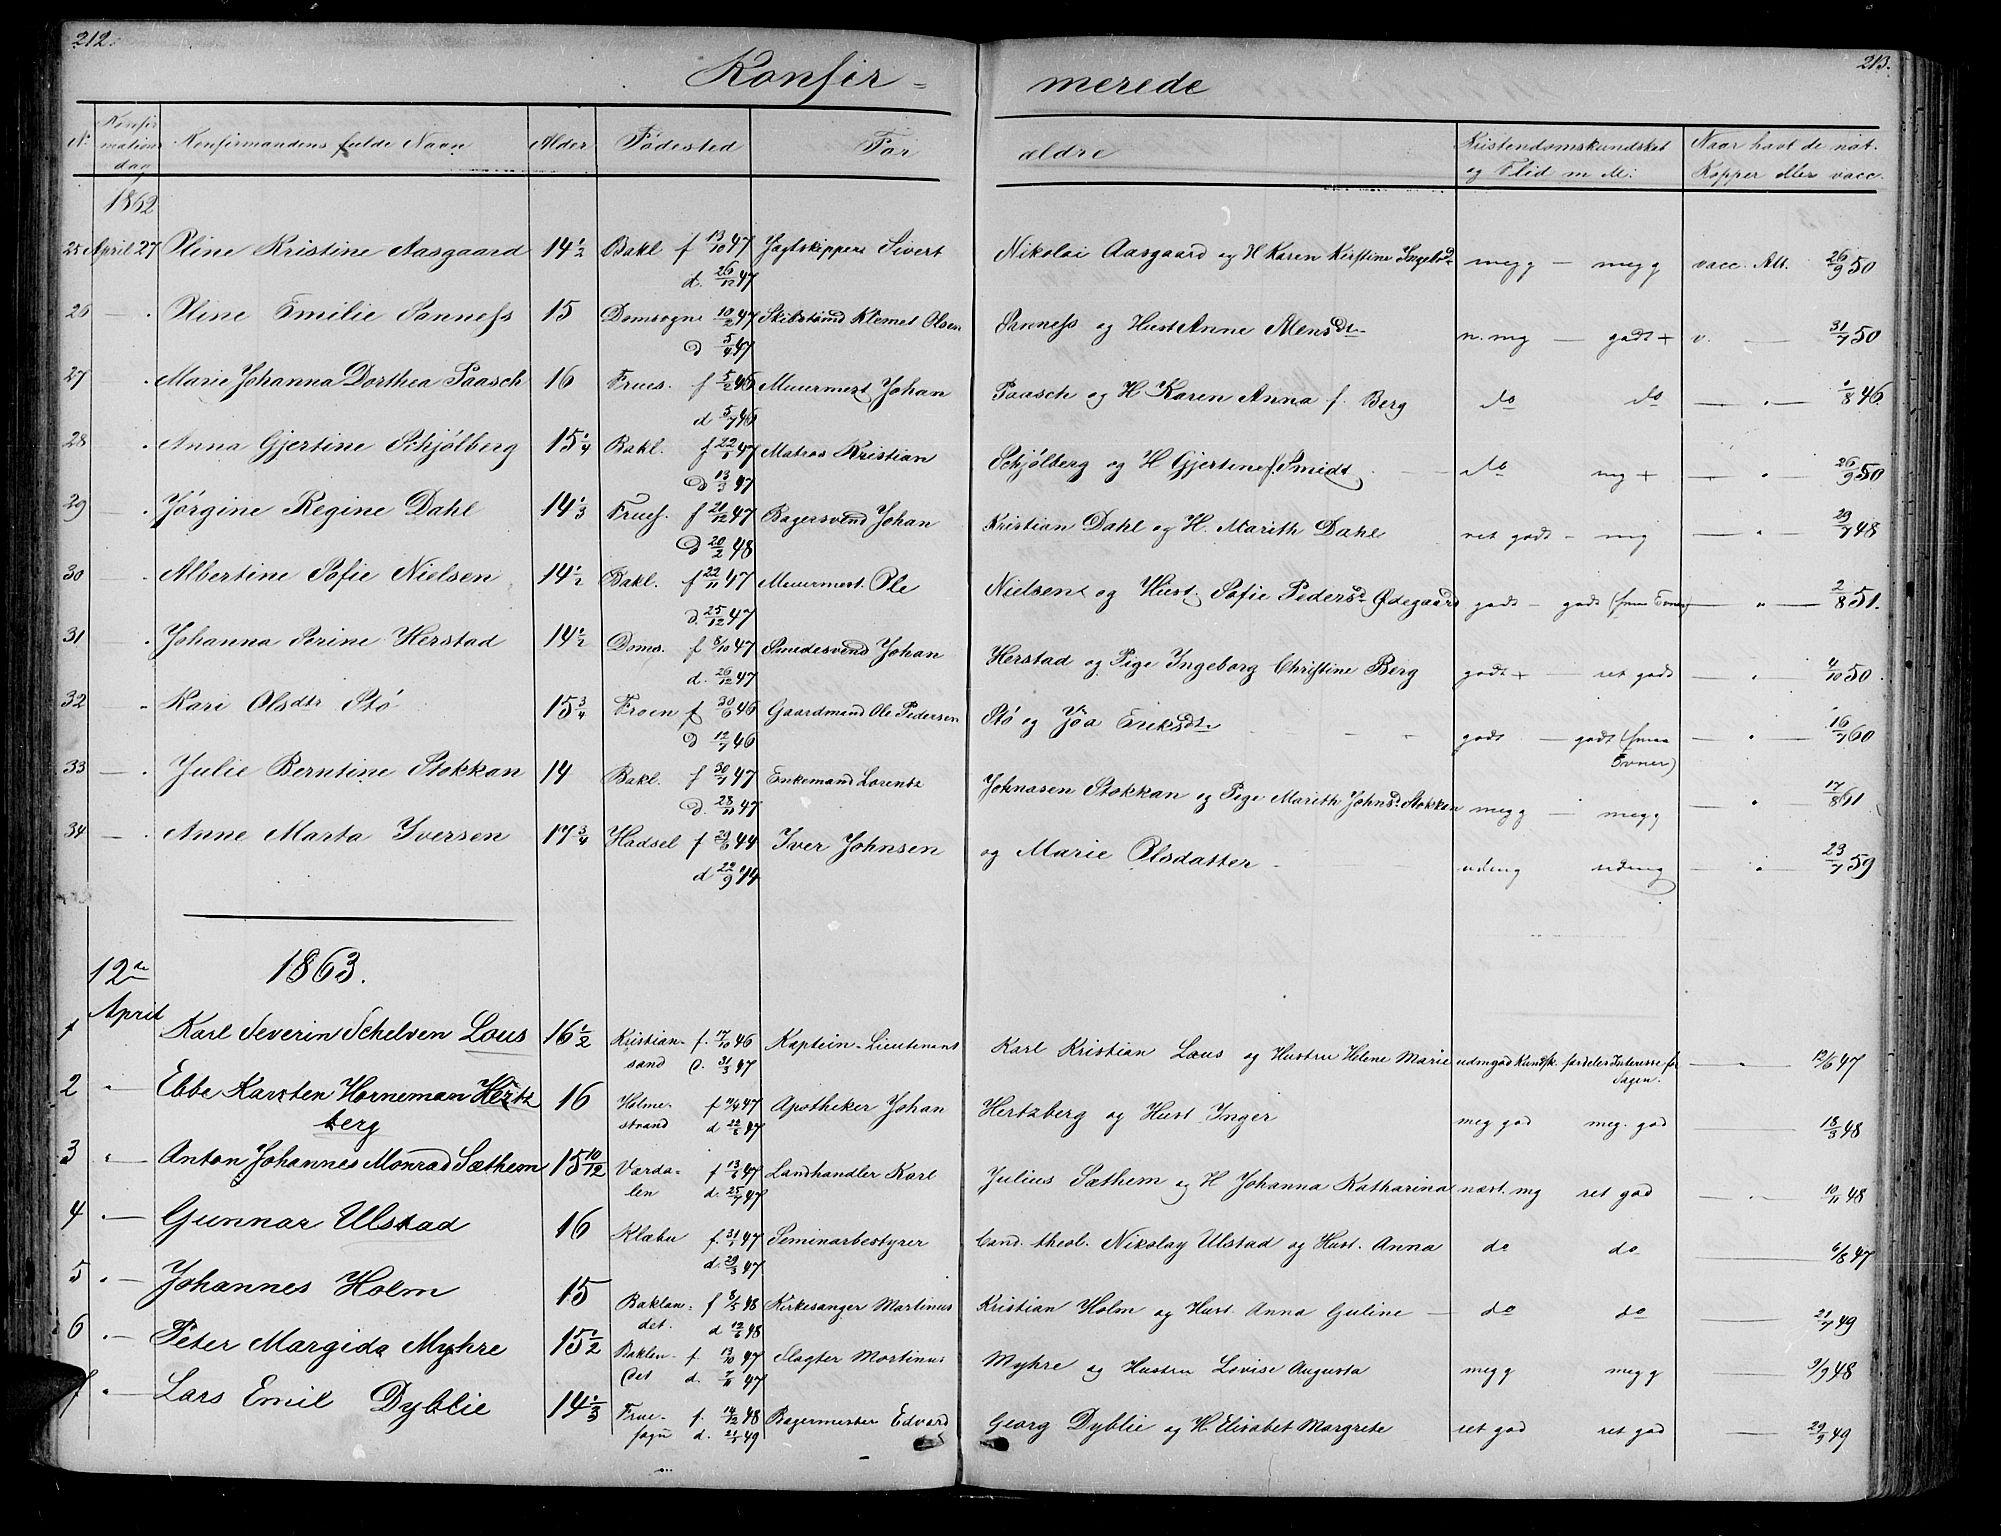 SAT, Ministerialprotokoller, klokkerbøker og fødselsregistre - Sør-Trøndelag, 604/L0219: Klokkerbok nr. 604C02, 1851-1869, s. 212-213